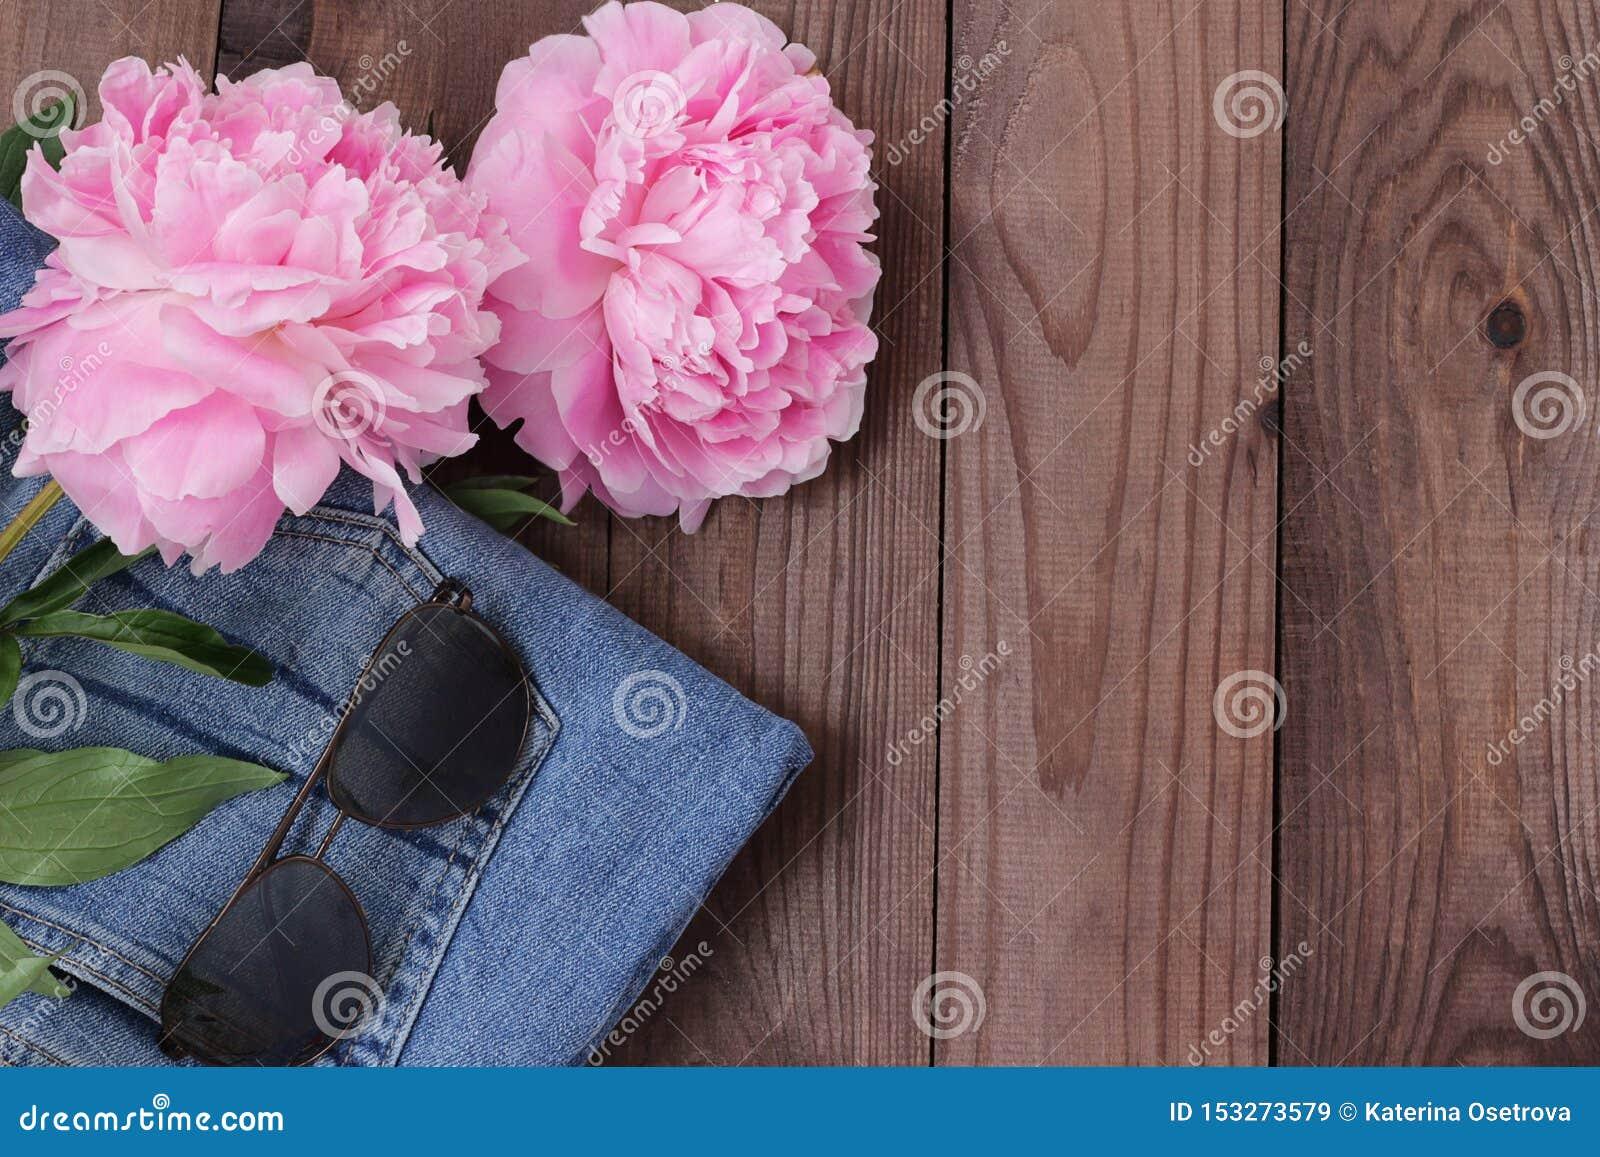 Denimuitrusting met flatlay zonglazen en bloemen